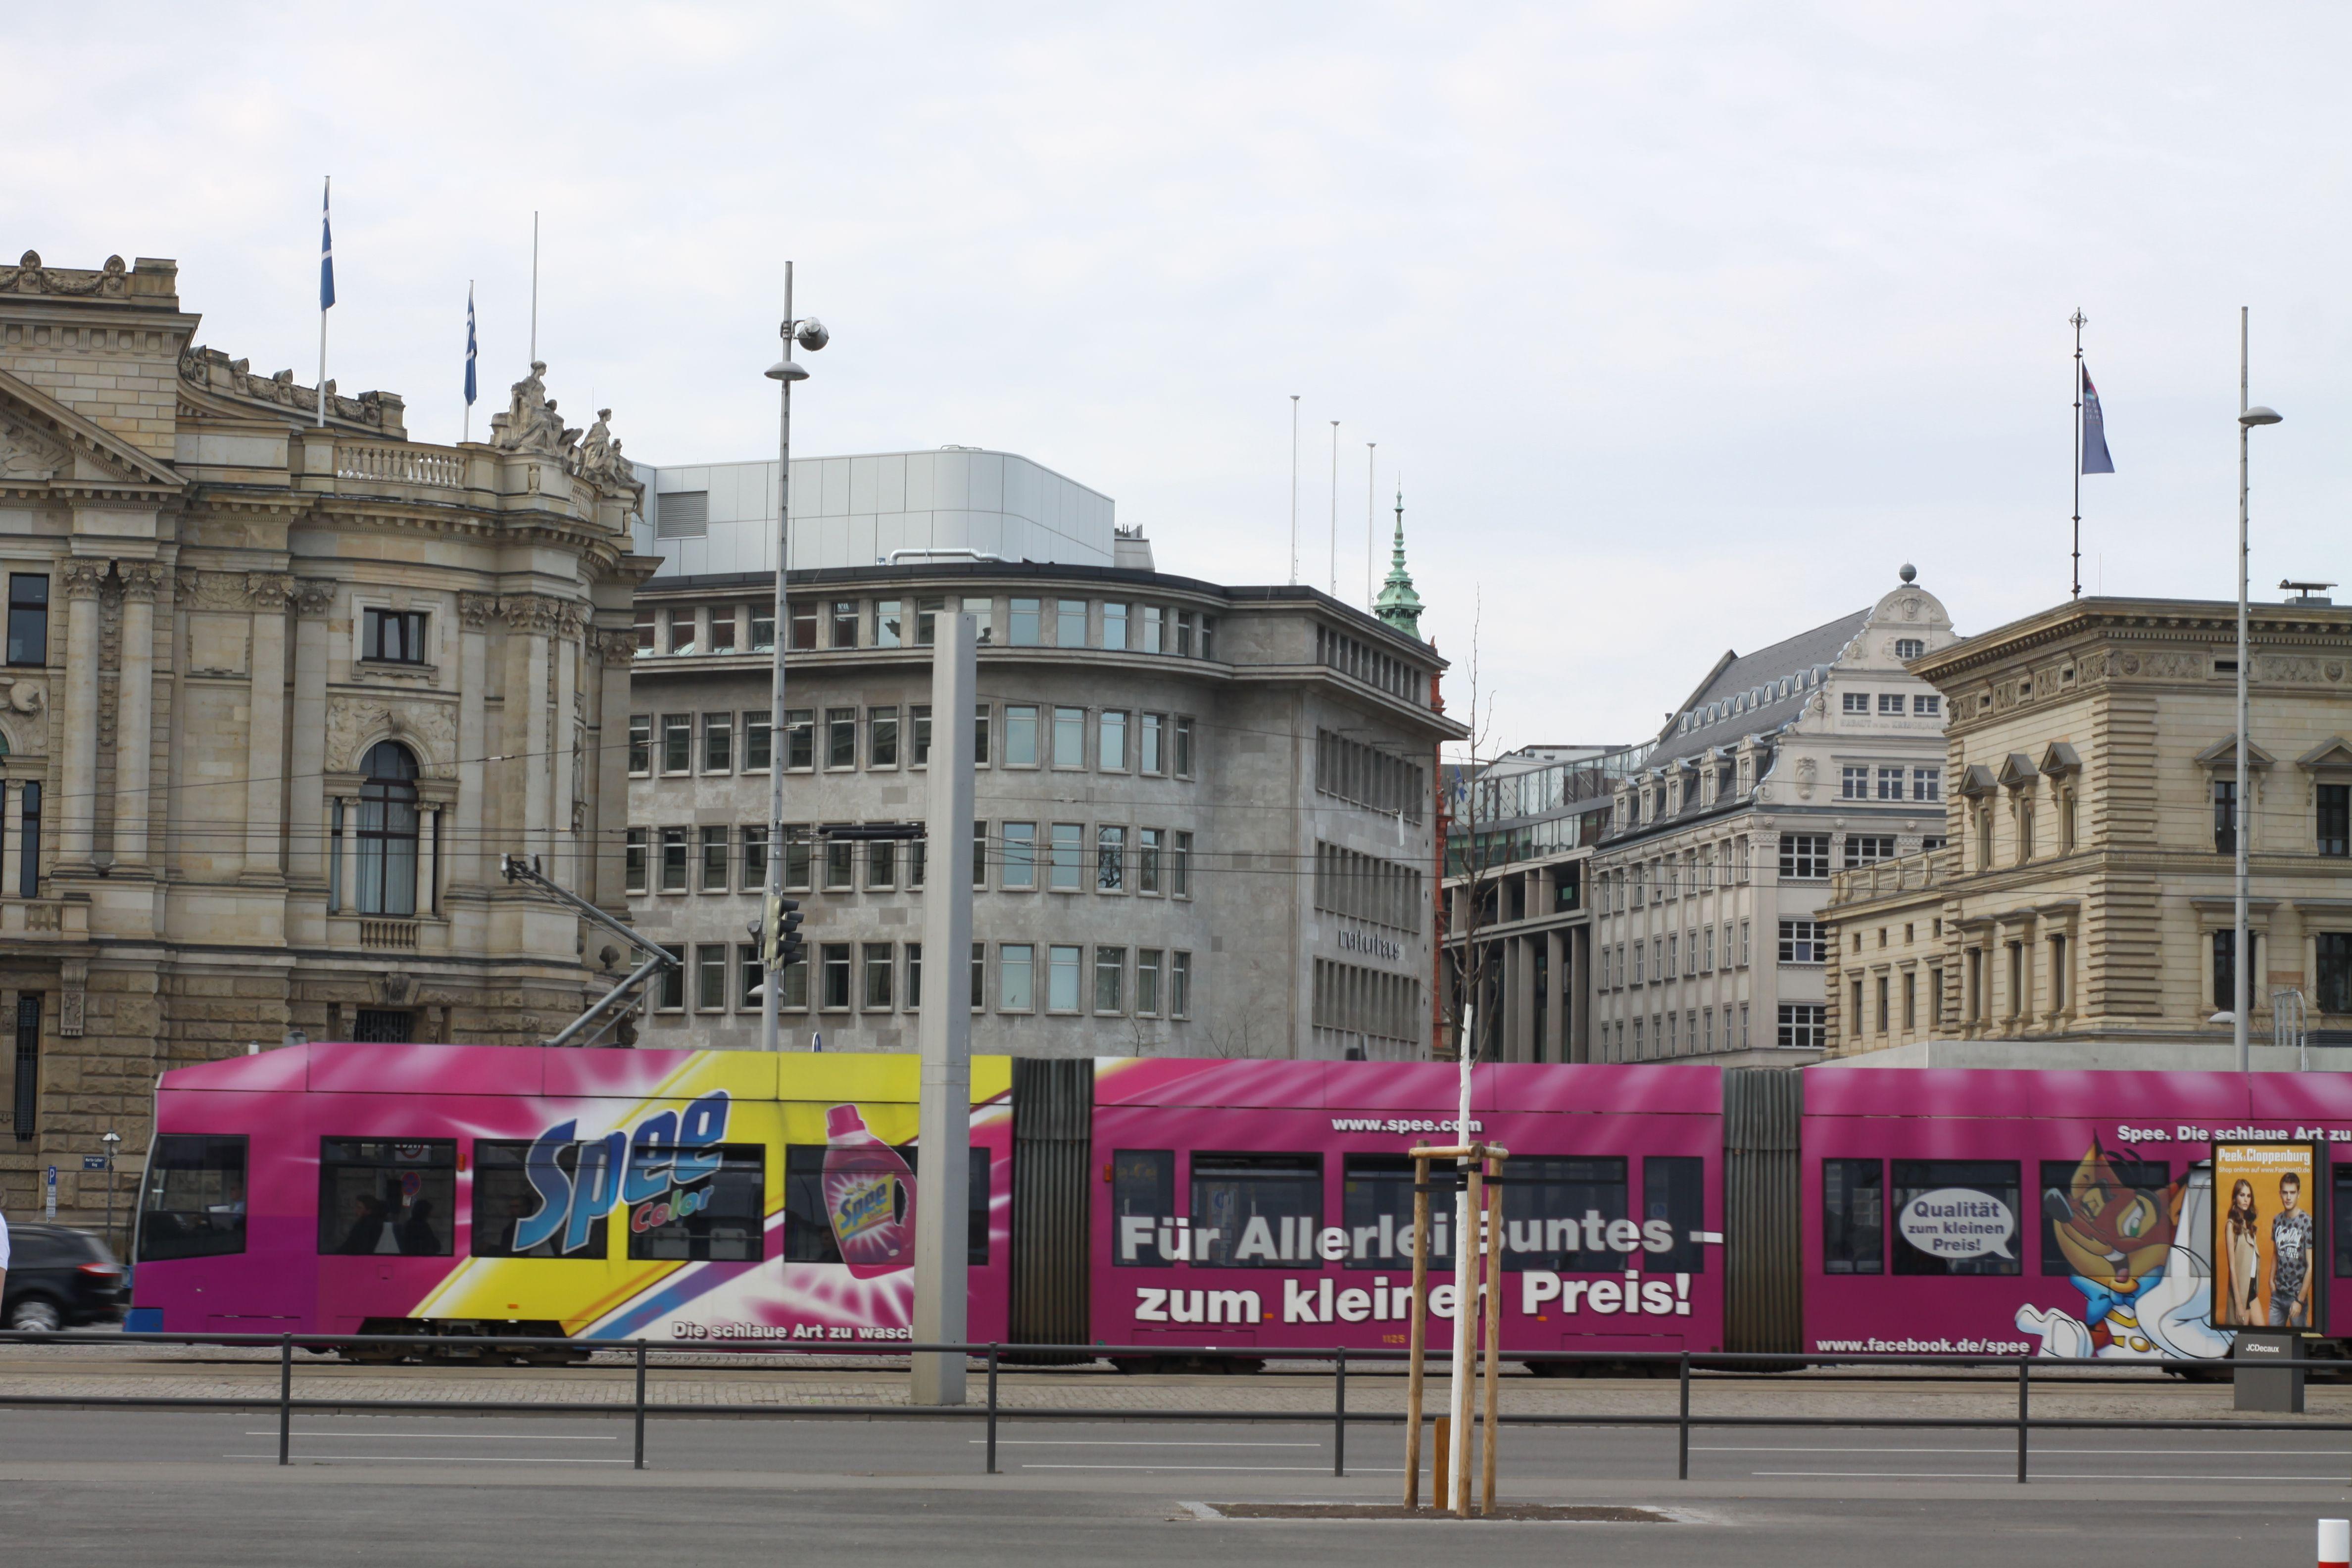 Leipziger Strassenbahn Lvb Unterwegs Durch Die Innenstadt Innenstadt Strassenbahn Unterwegs